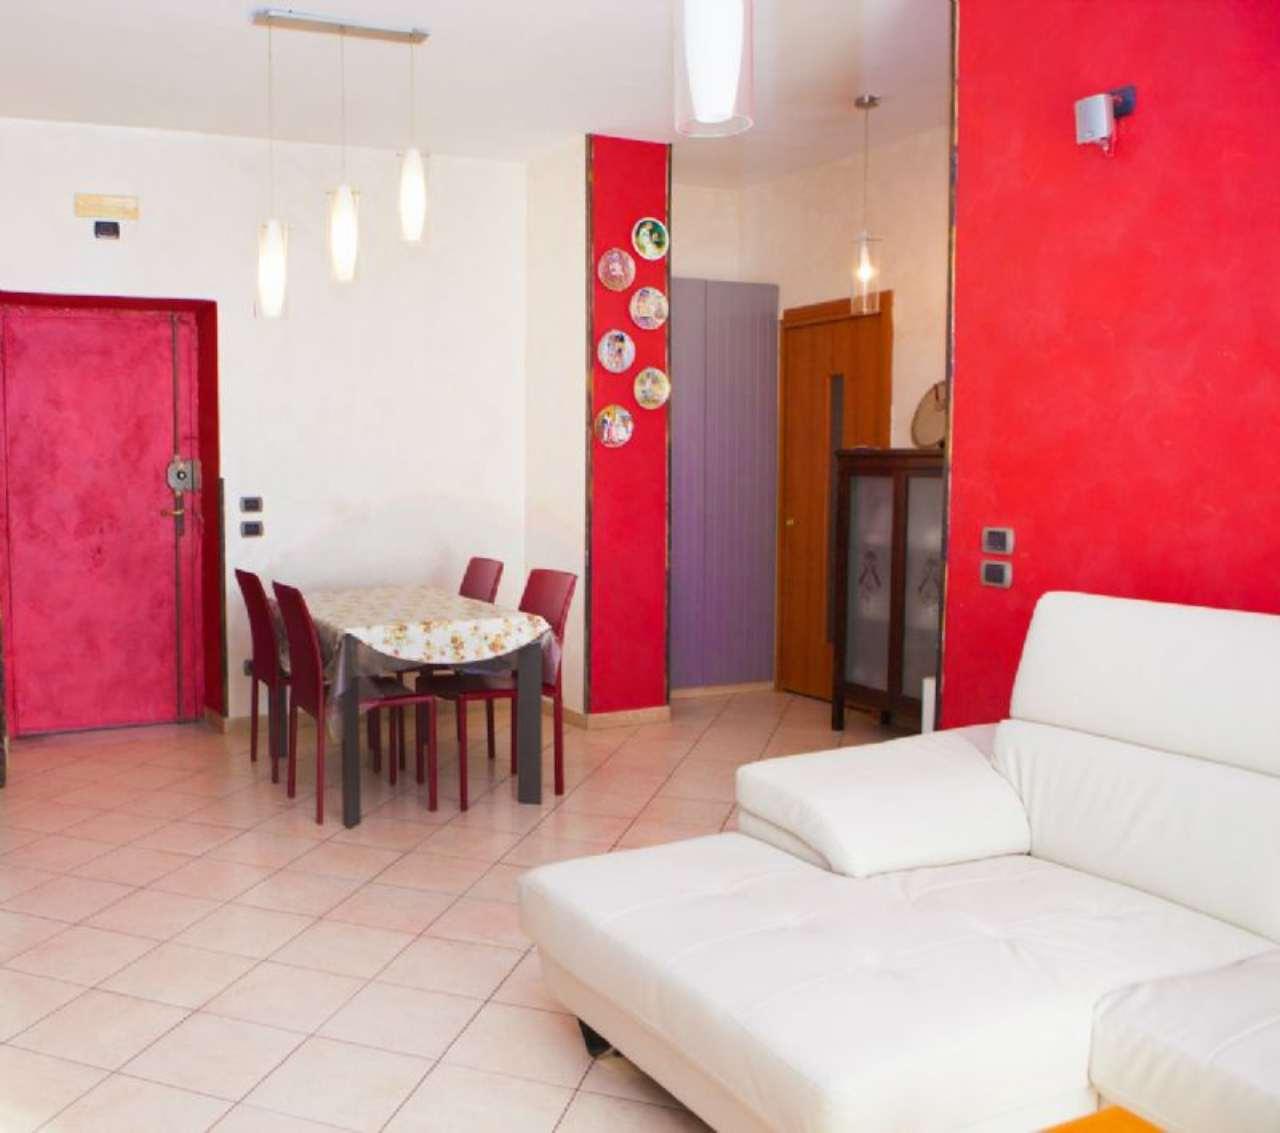 Appartamento in vendita a Saviano, 3 locali, prezzo € 97.000   Cambio Casa.it